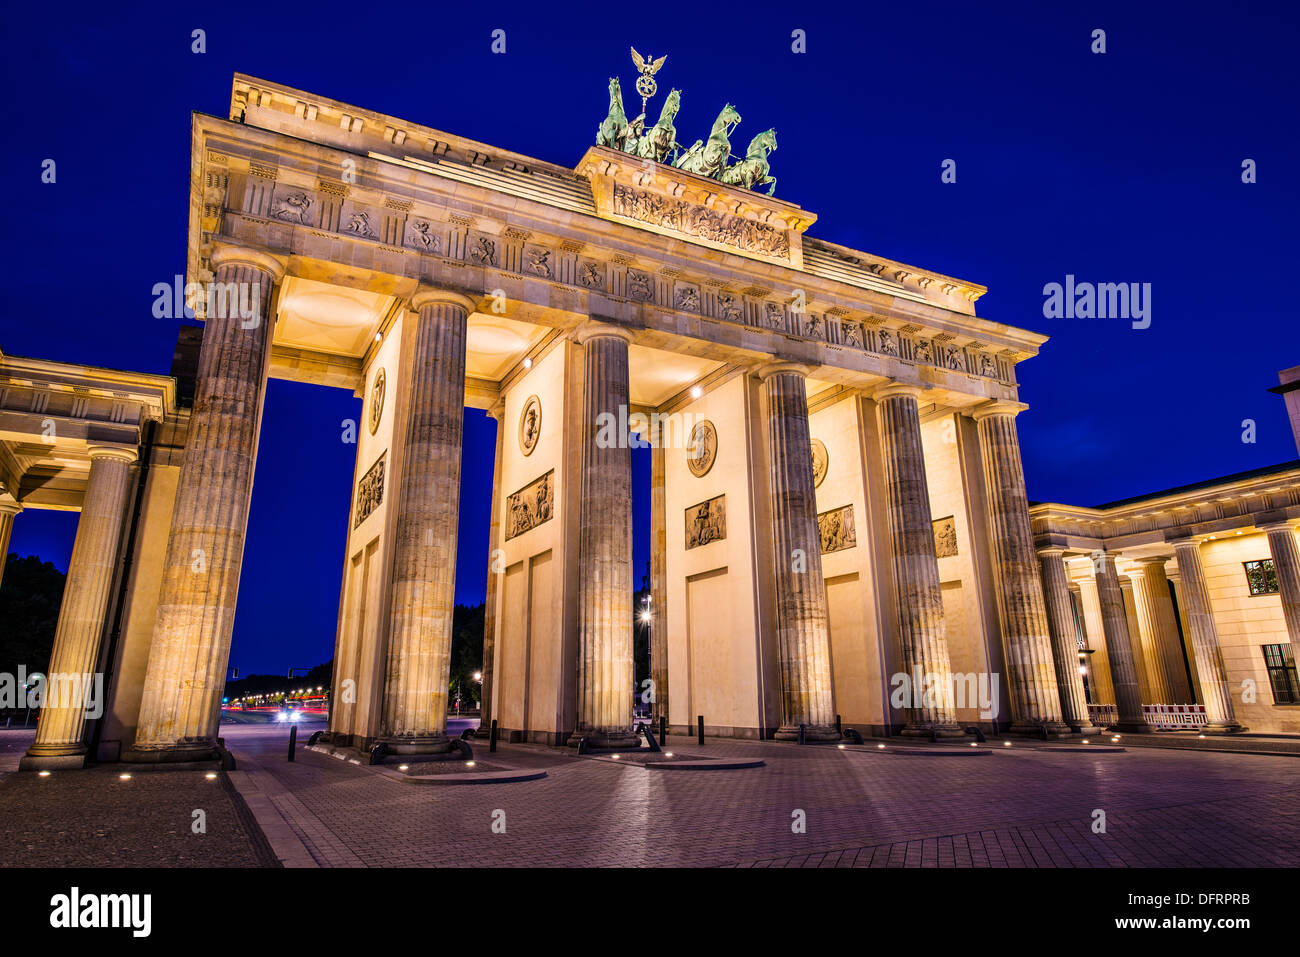 La Porta di Brandeburgo a Berlino, Germania. La Porta di Brandeburgo a Berlino, Germania. Immagini Stock